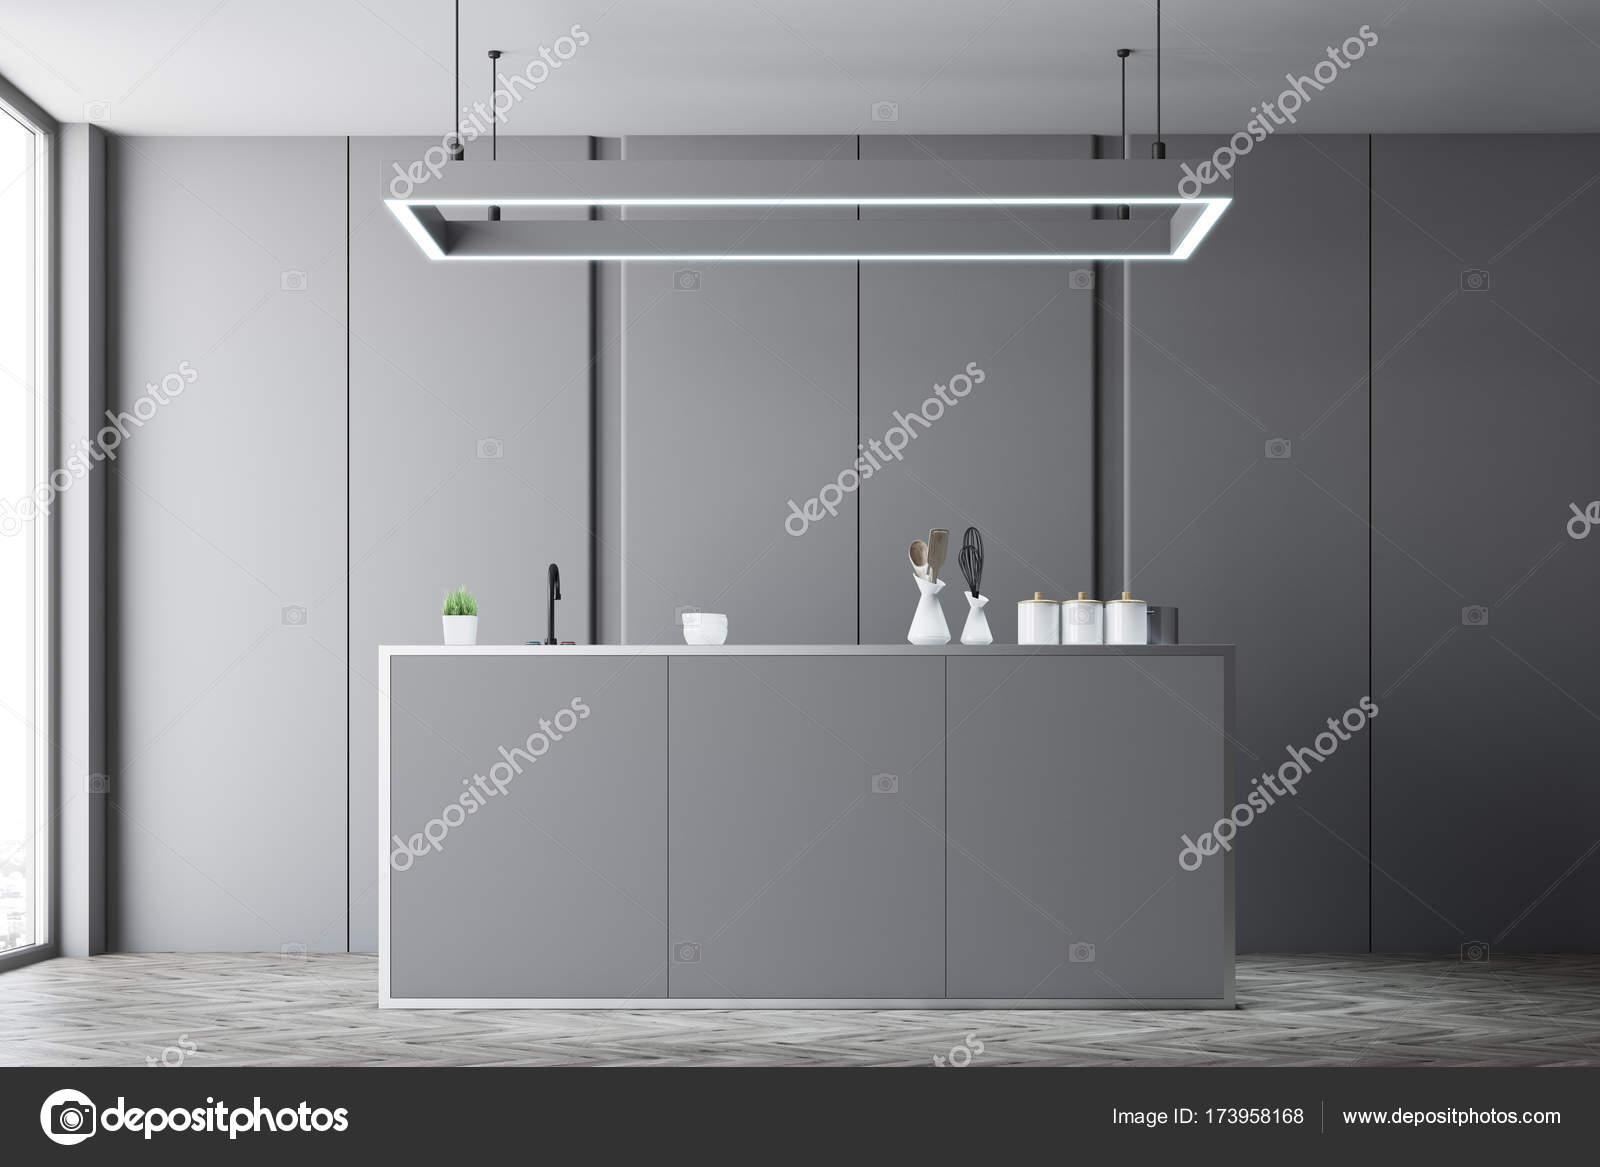 Interni controsoffitto della cucina grigio foto stock denisismagilov 173958168 - Ripiani interni cucina ...